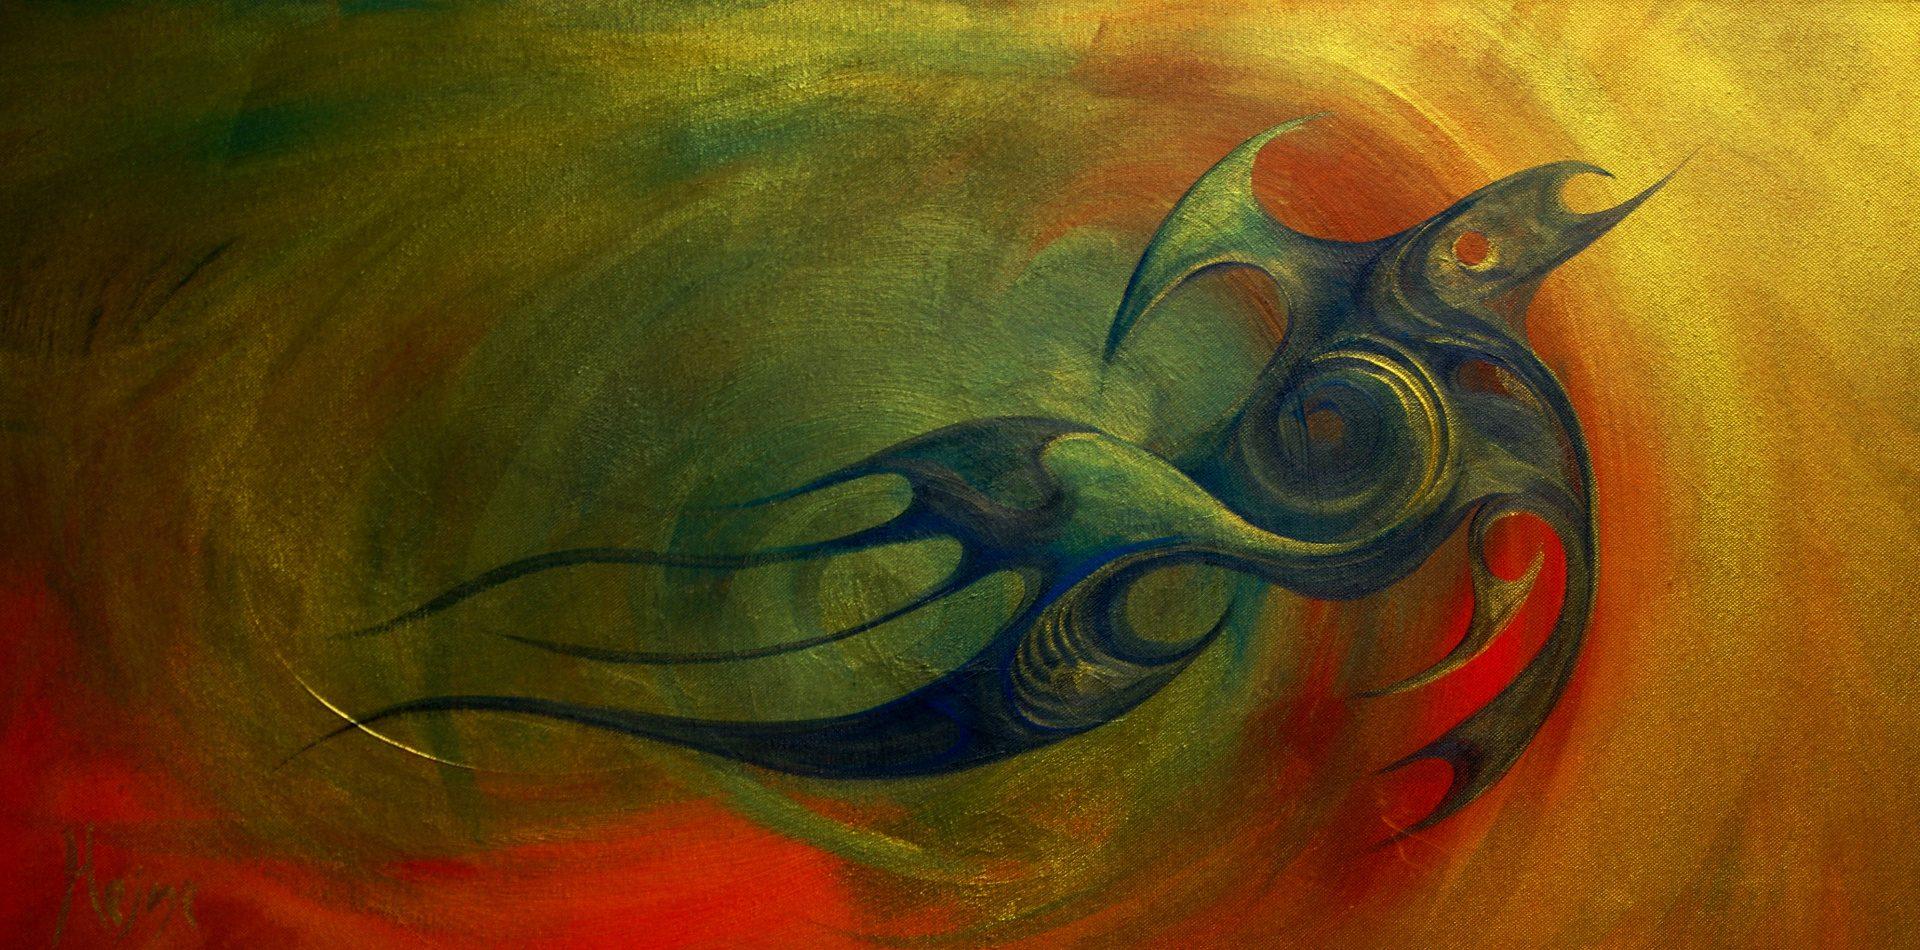 Permalink to: metal effect paintings